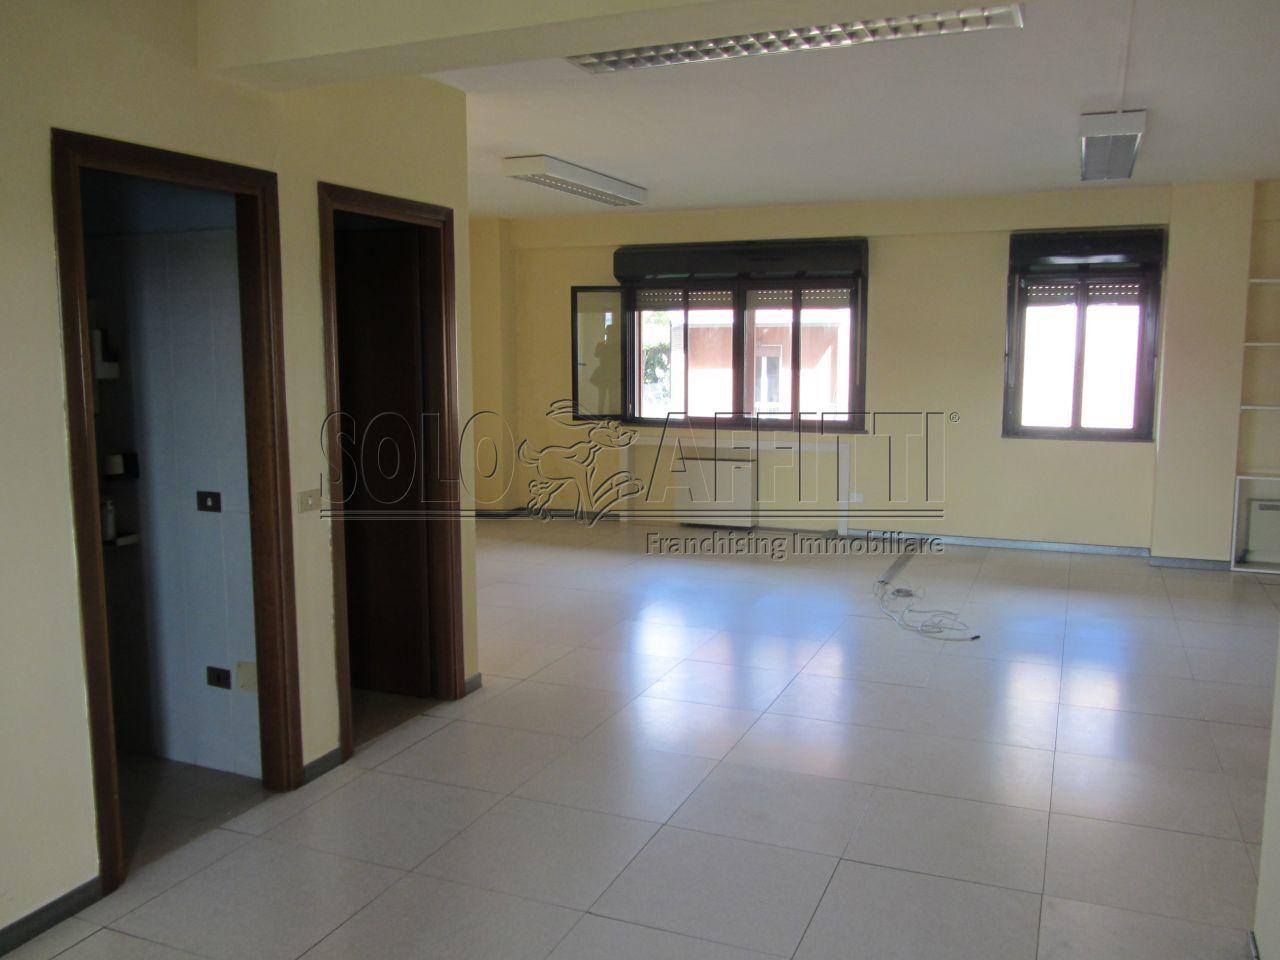 Ufficio - 1 locale a Borgo Rivo, Terni Rif. 4133362